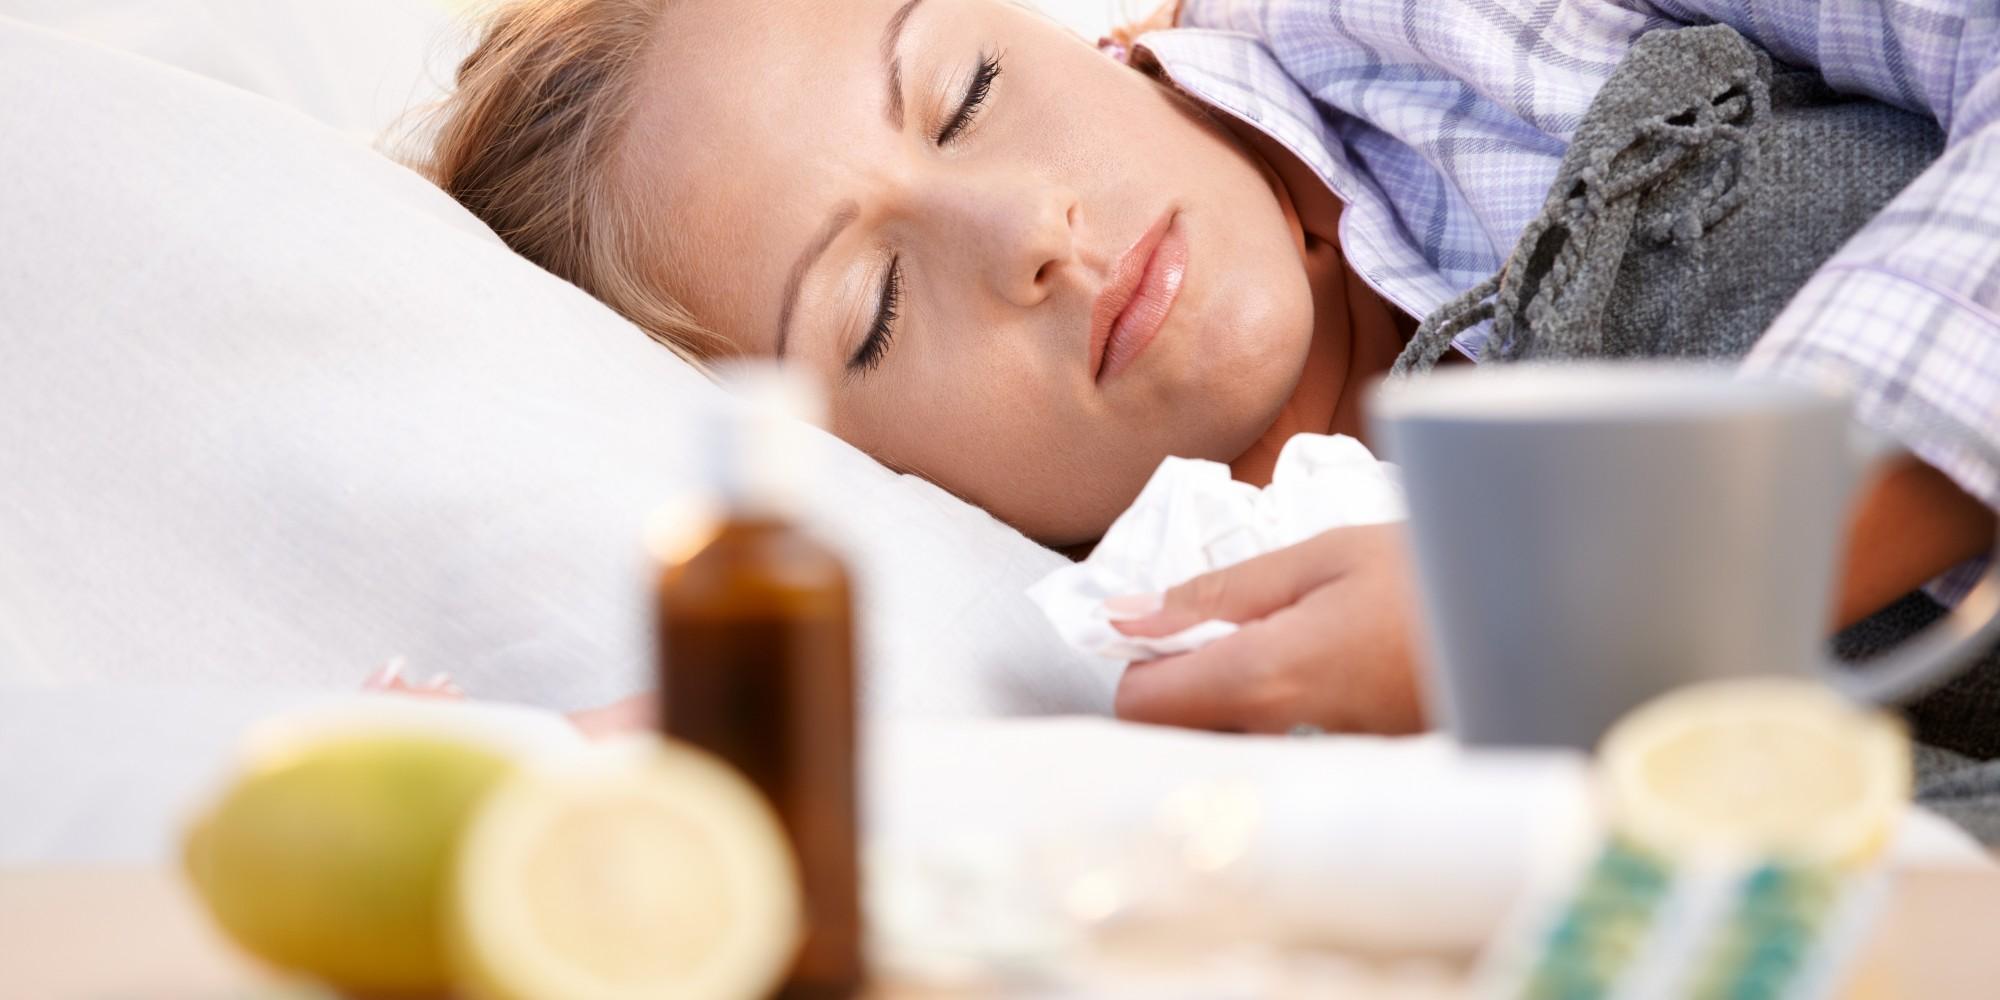 10 super wirksame tipps zum einschlafen die sie ruhig ausprobieren sollten. Black Bedroom Furniture Sets. Home Design Ideas